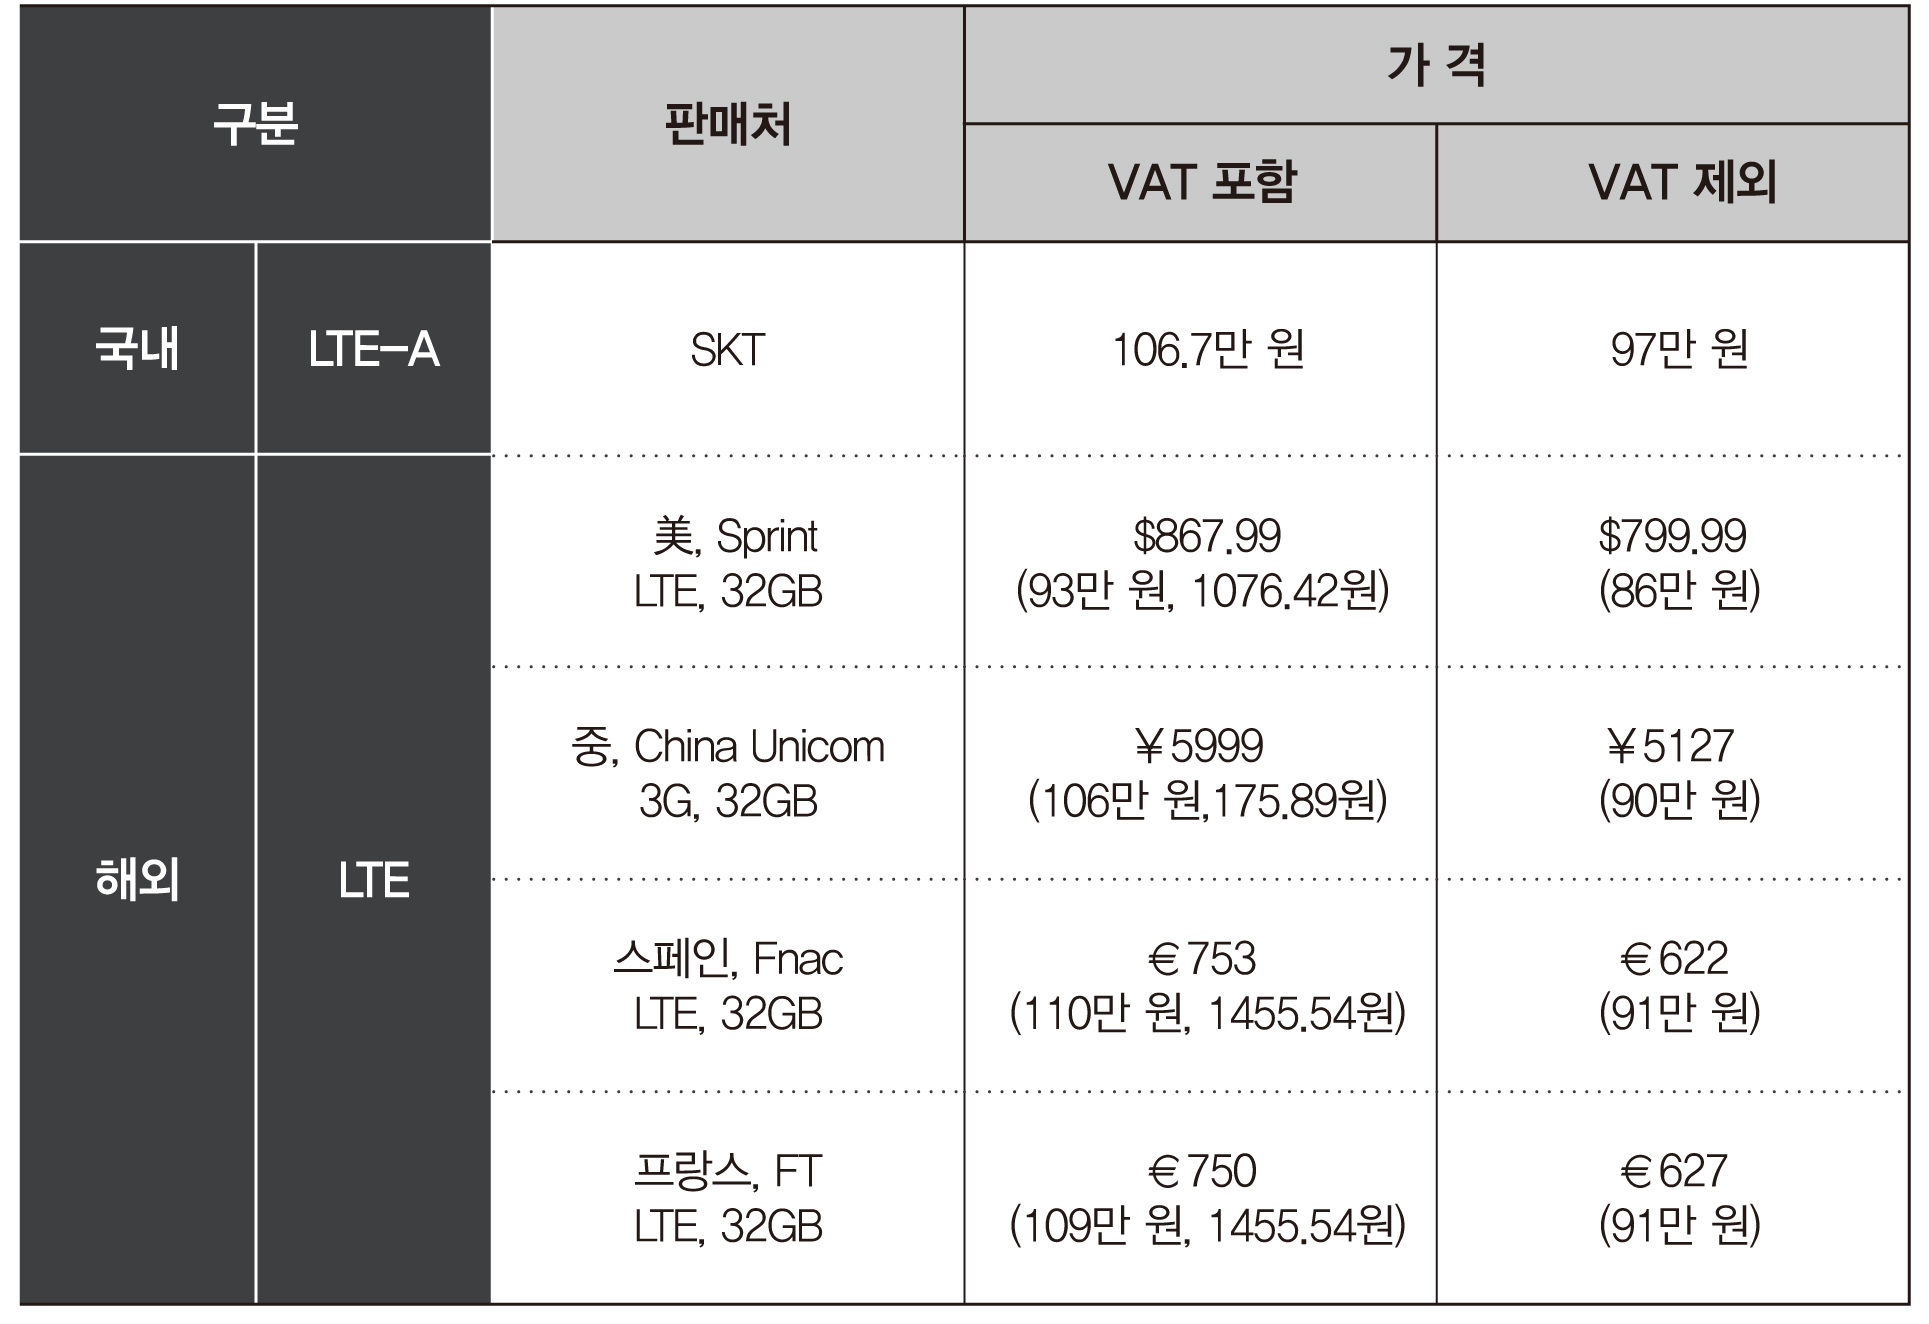 국내 LTE-A, 판매처 SKT, 가격 부가세 포함 106.7만 원, 부가세 제외 97만 원. 해외 LTE. 미국 판매처 Sprint, LTE, 32GB, 가격 부가세 포함 93만 원, 부가세 제외 86만 원. 중국 판매처 차이나 유니콤 3G, 32GB. 가격 부가세 포함 106만 원, 부가세 제외 90만 원. 스페인 판매처 Fnac, LTE, 32GB, 가격 부가세 포함 110만 원, 부가세 제외 91만 원. 프랑스 판매처 FT, LTE, 32GB, 가격 부가세 포함 109만 원, 부가세 제외 91만 원.